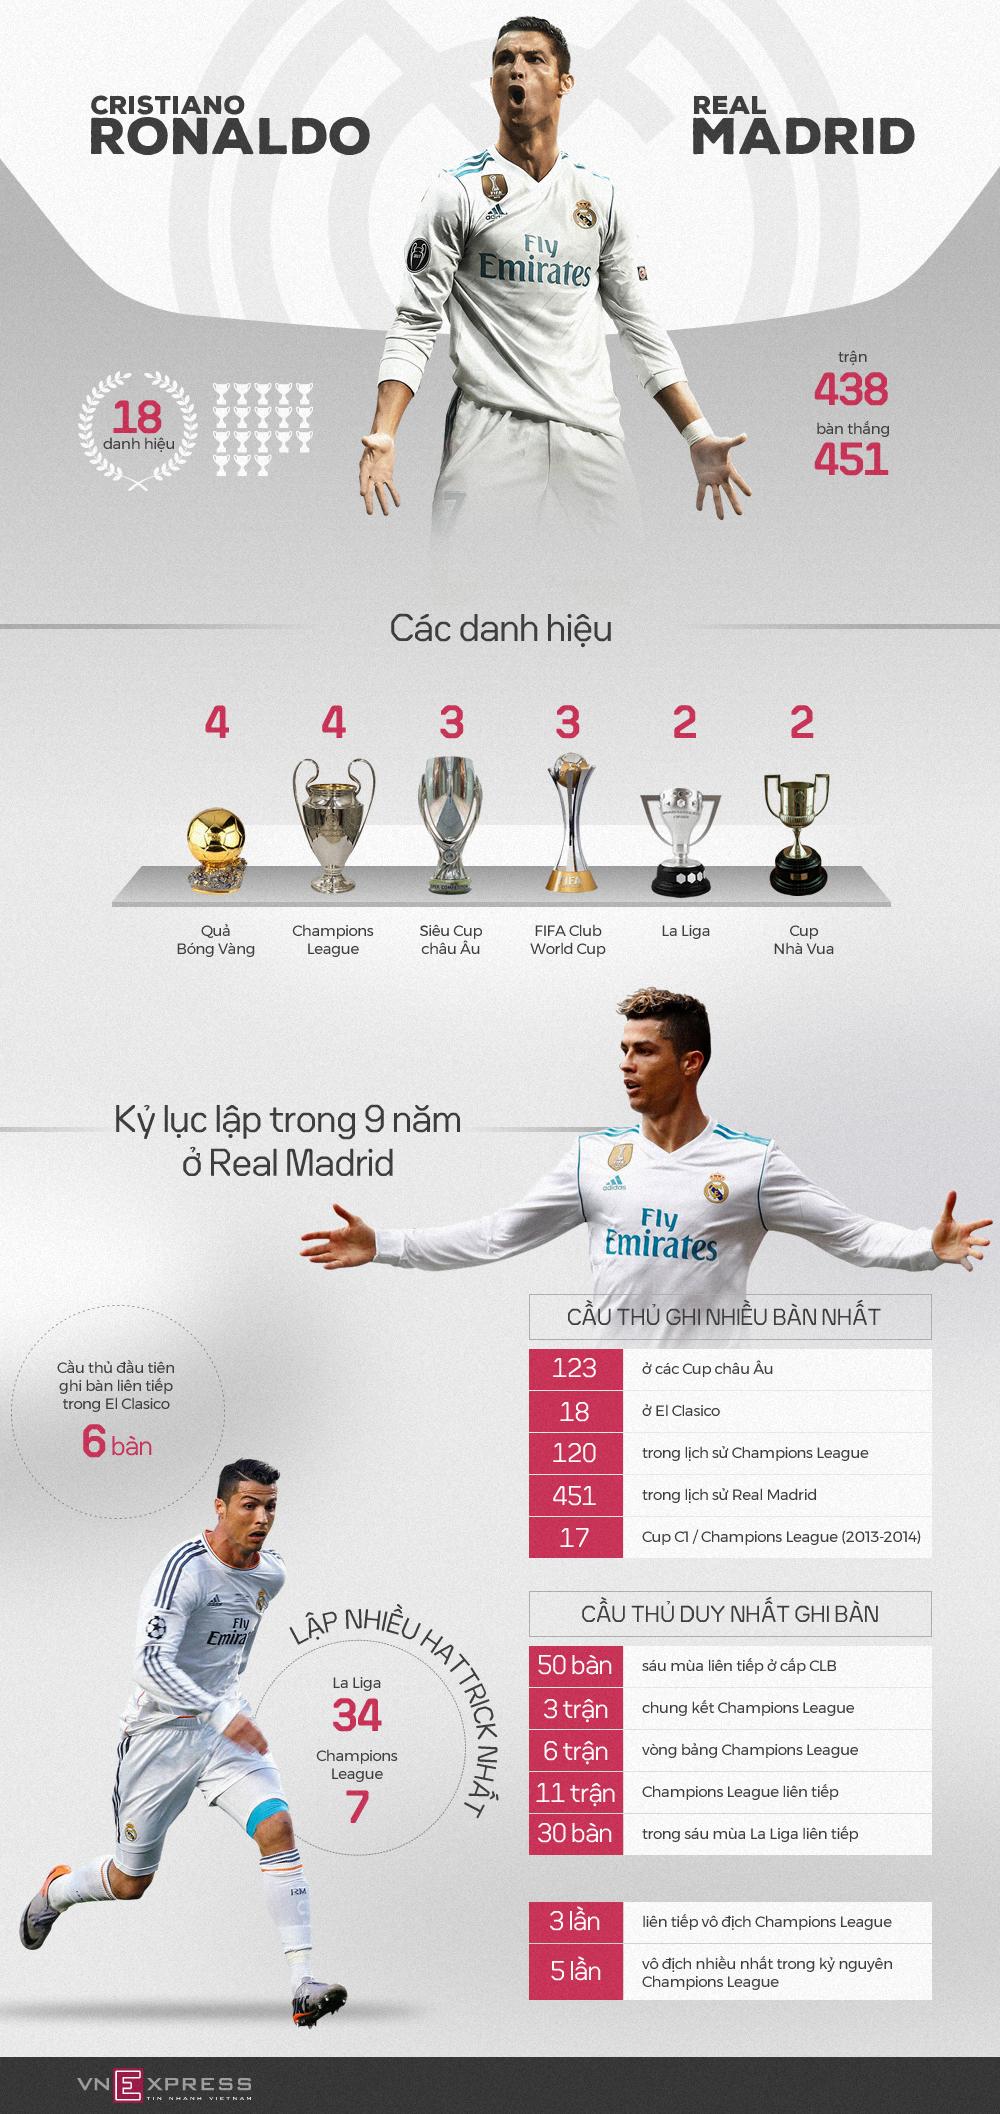 Ronaldo vĩ đại như thế nào trong 9 năm phụng sự Real Madrid